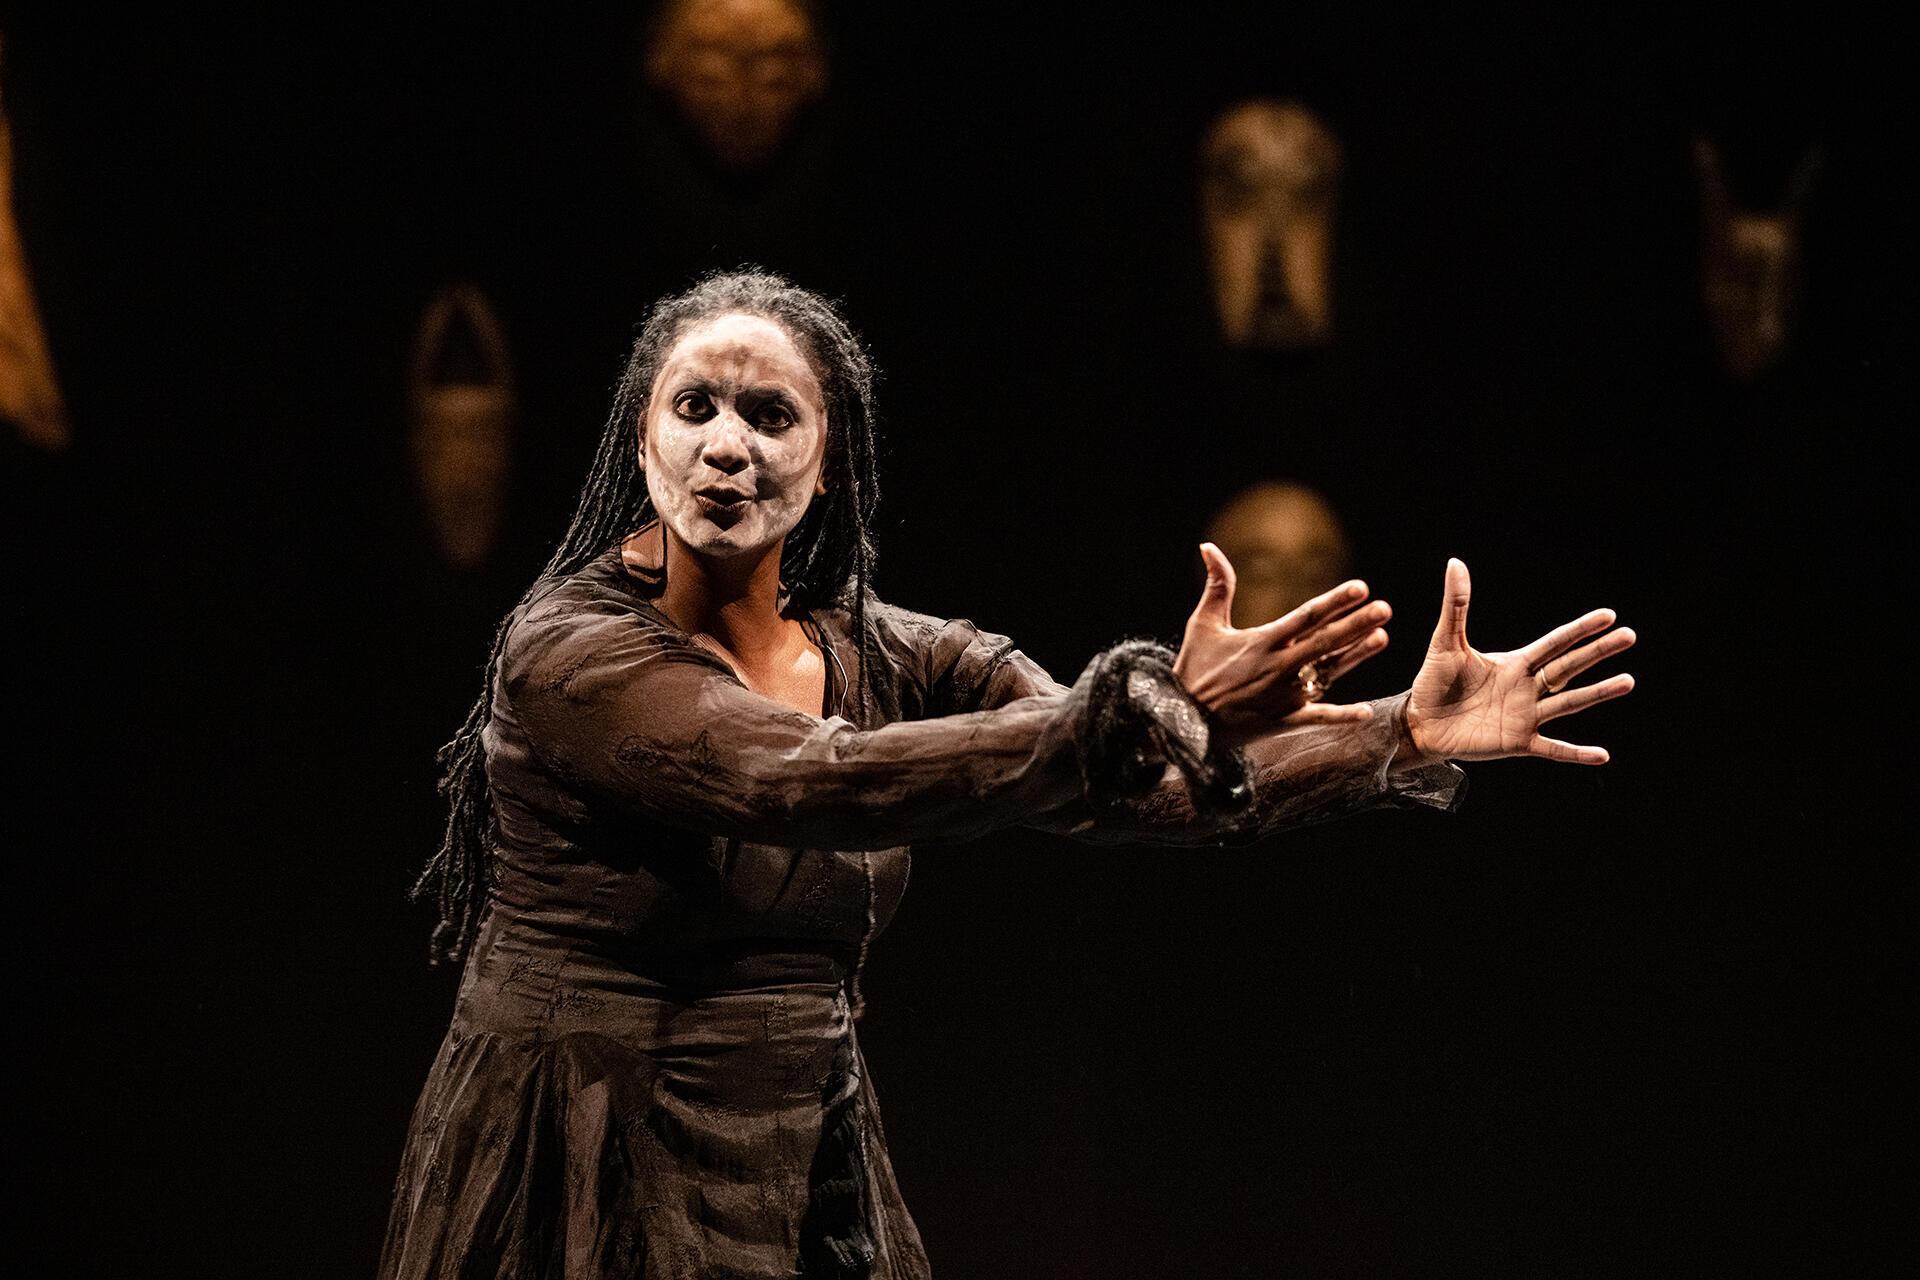 Nathalie Vairac le 11 mars 2020 au festival XS à Bruxelles dans «Les Restes Suprêmes», pièce de Dorcy Rugamba.